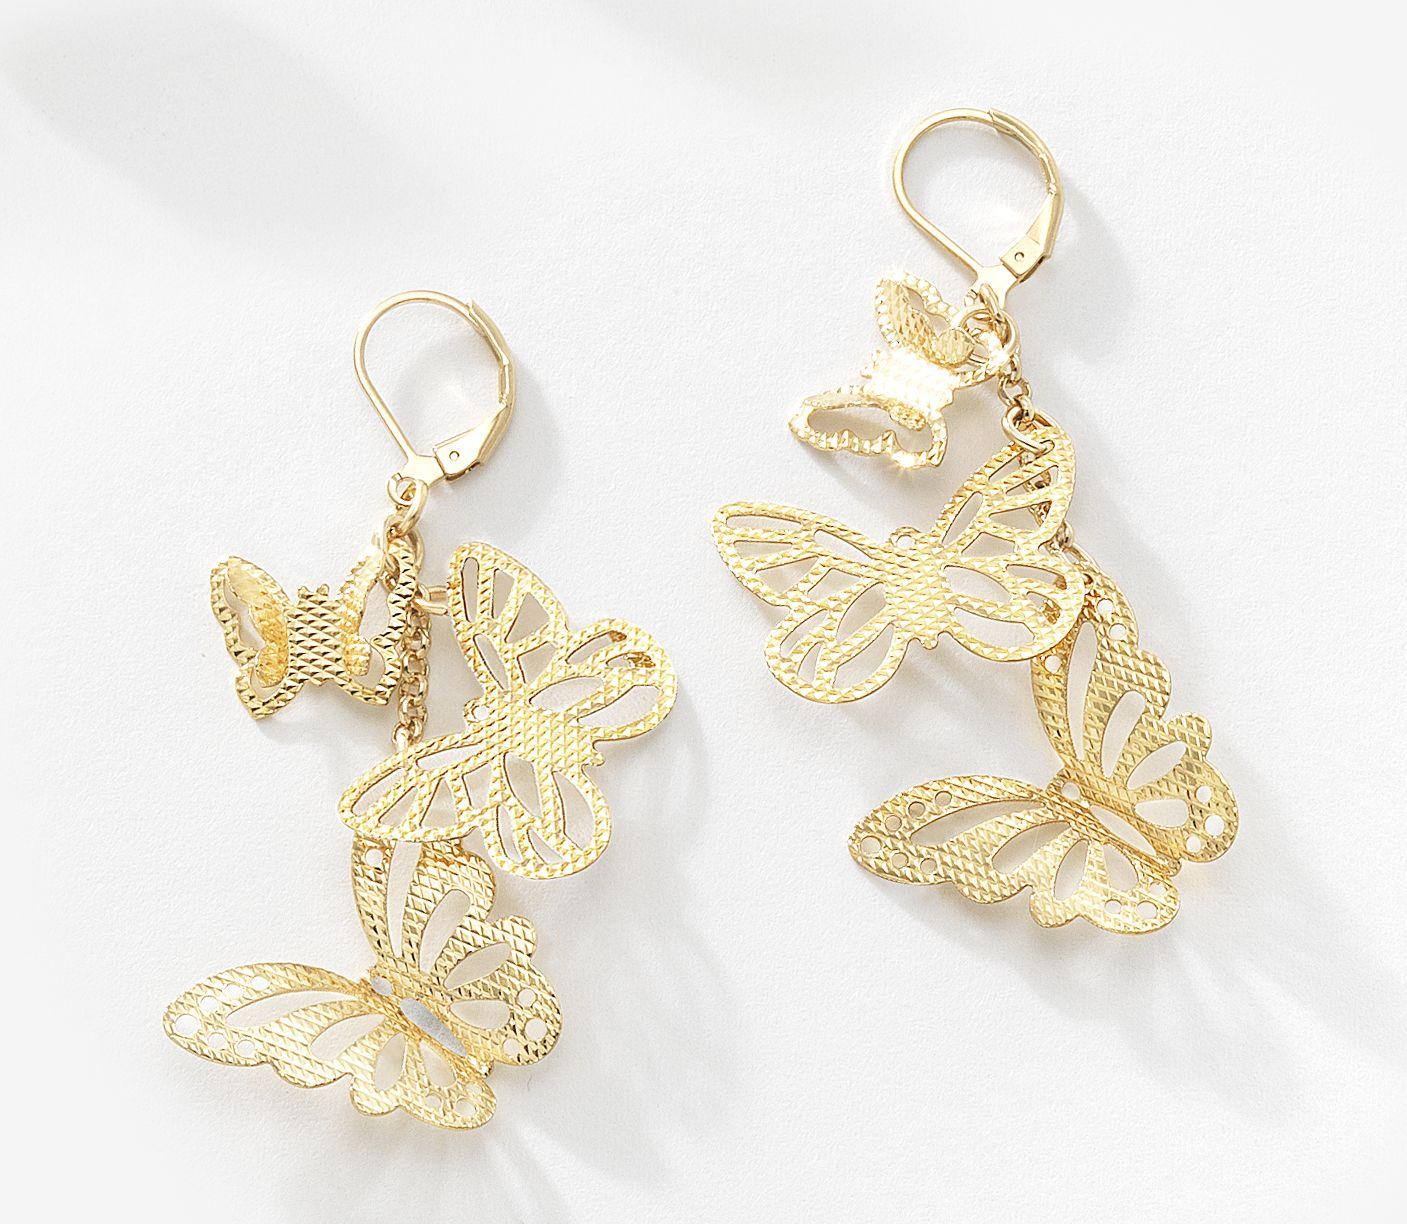 ecf24fc4e452 Encantadores aretes colgantes con diseño de mariposas con acabado de  filigrana